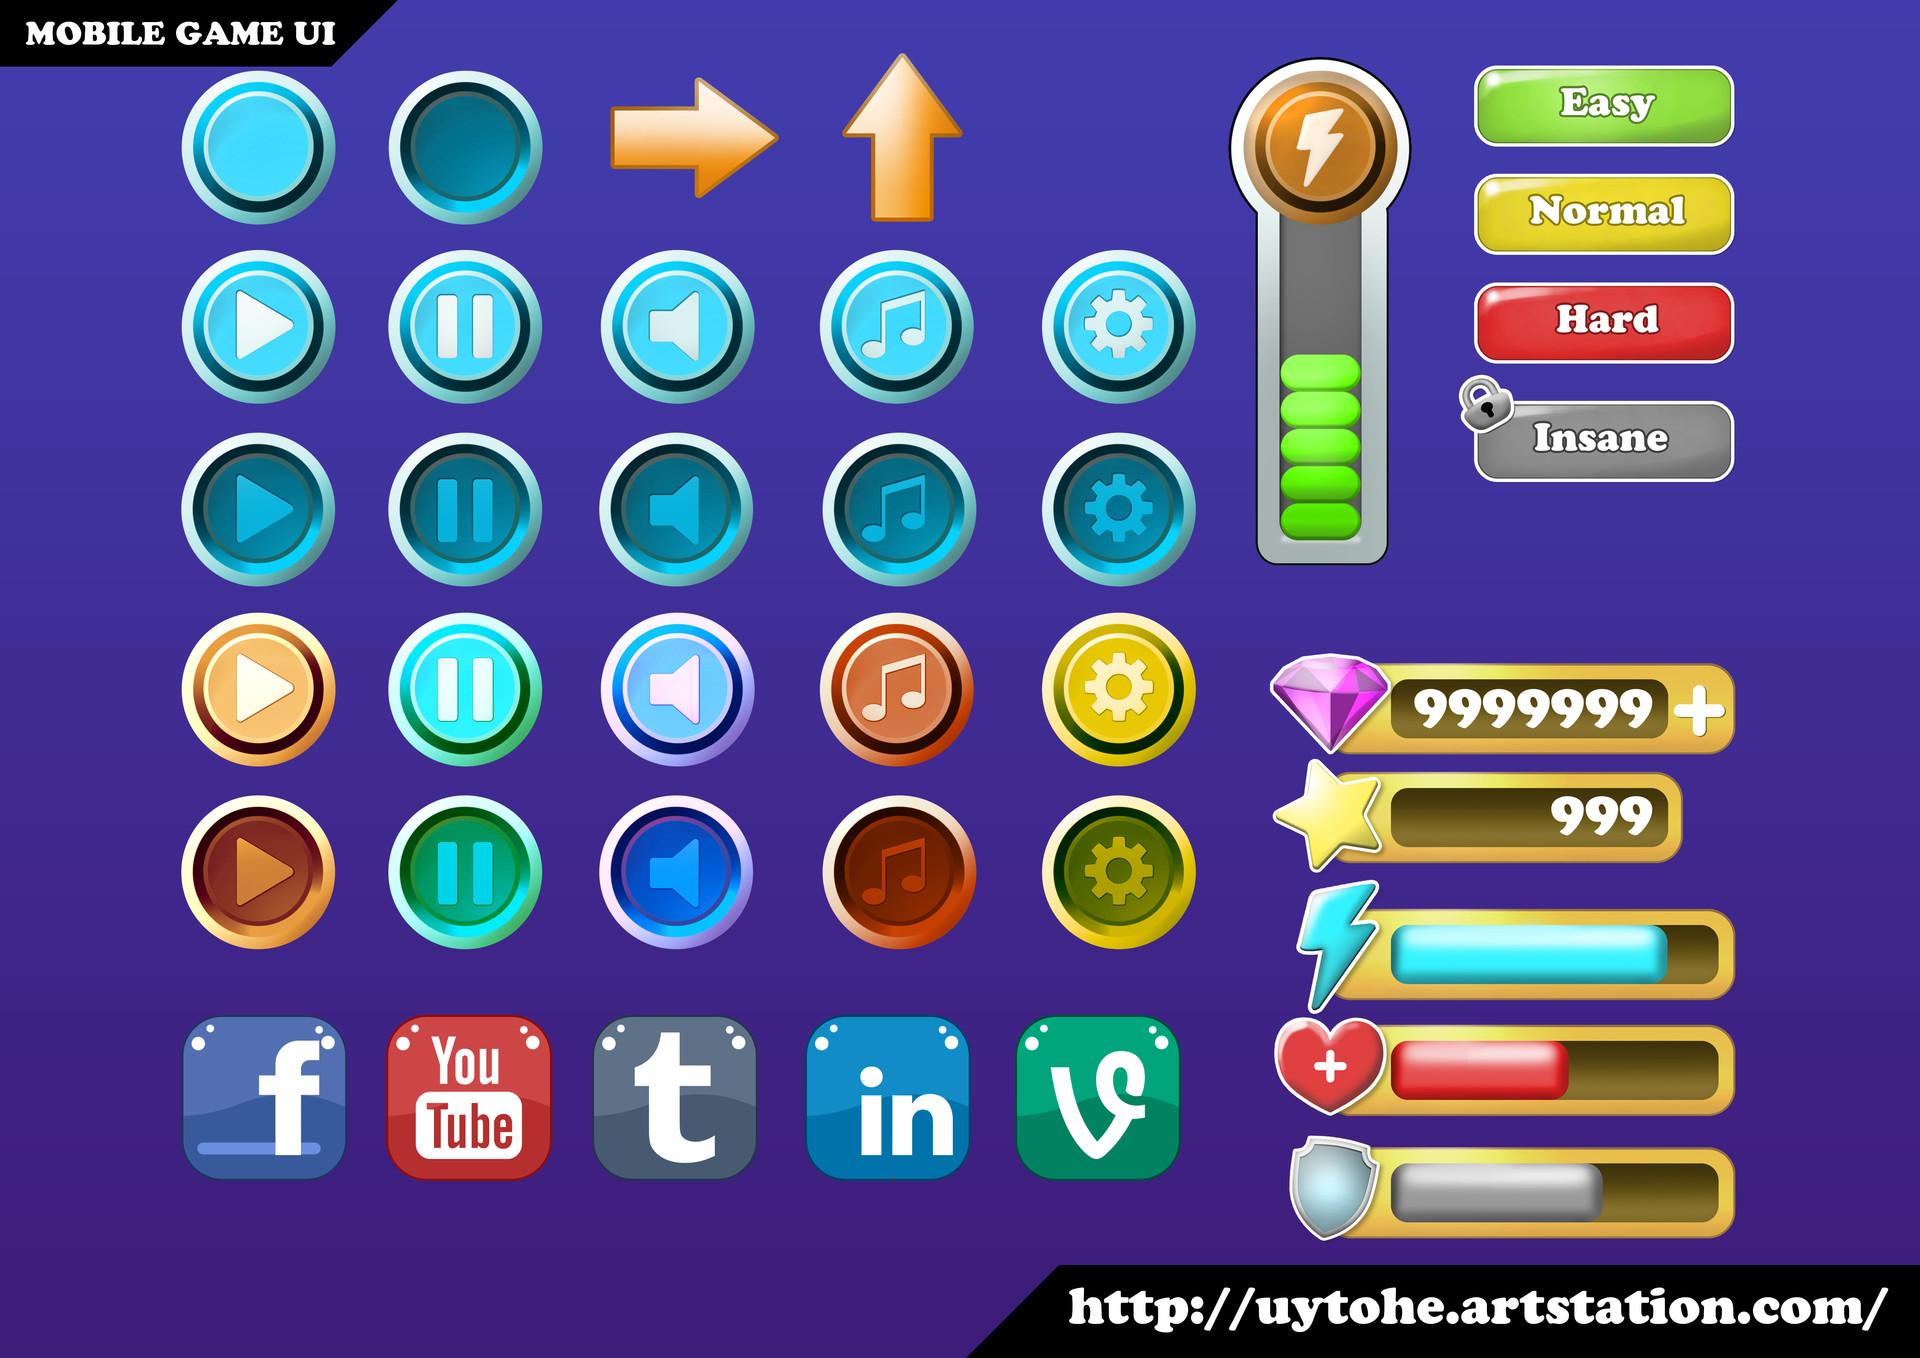 ArtStation - MOBILE GAME UI ASSETS, Uy Đoàn